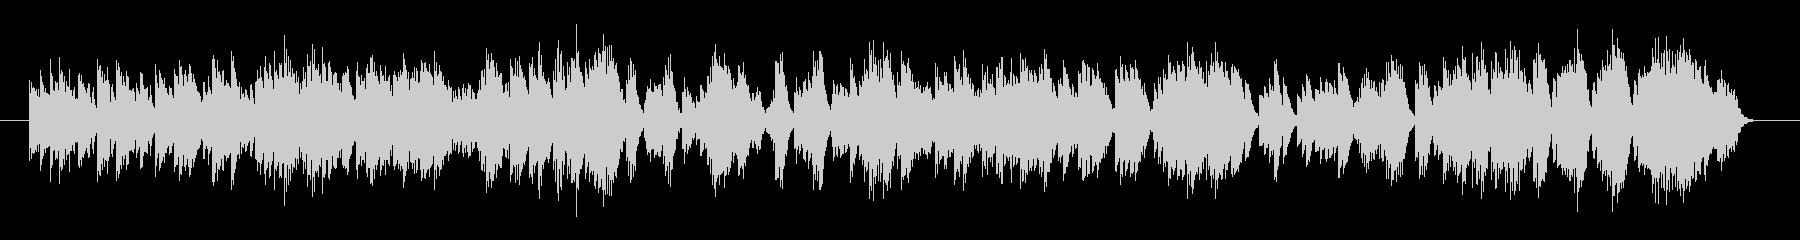 オルゴール系楽曲。若干マイナー色が強く…の未再生の波形